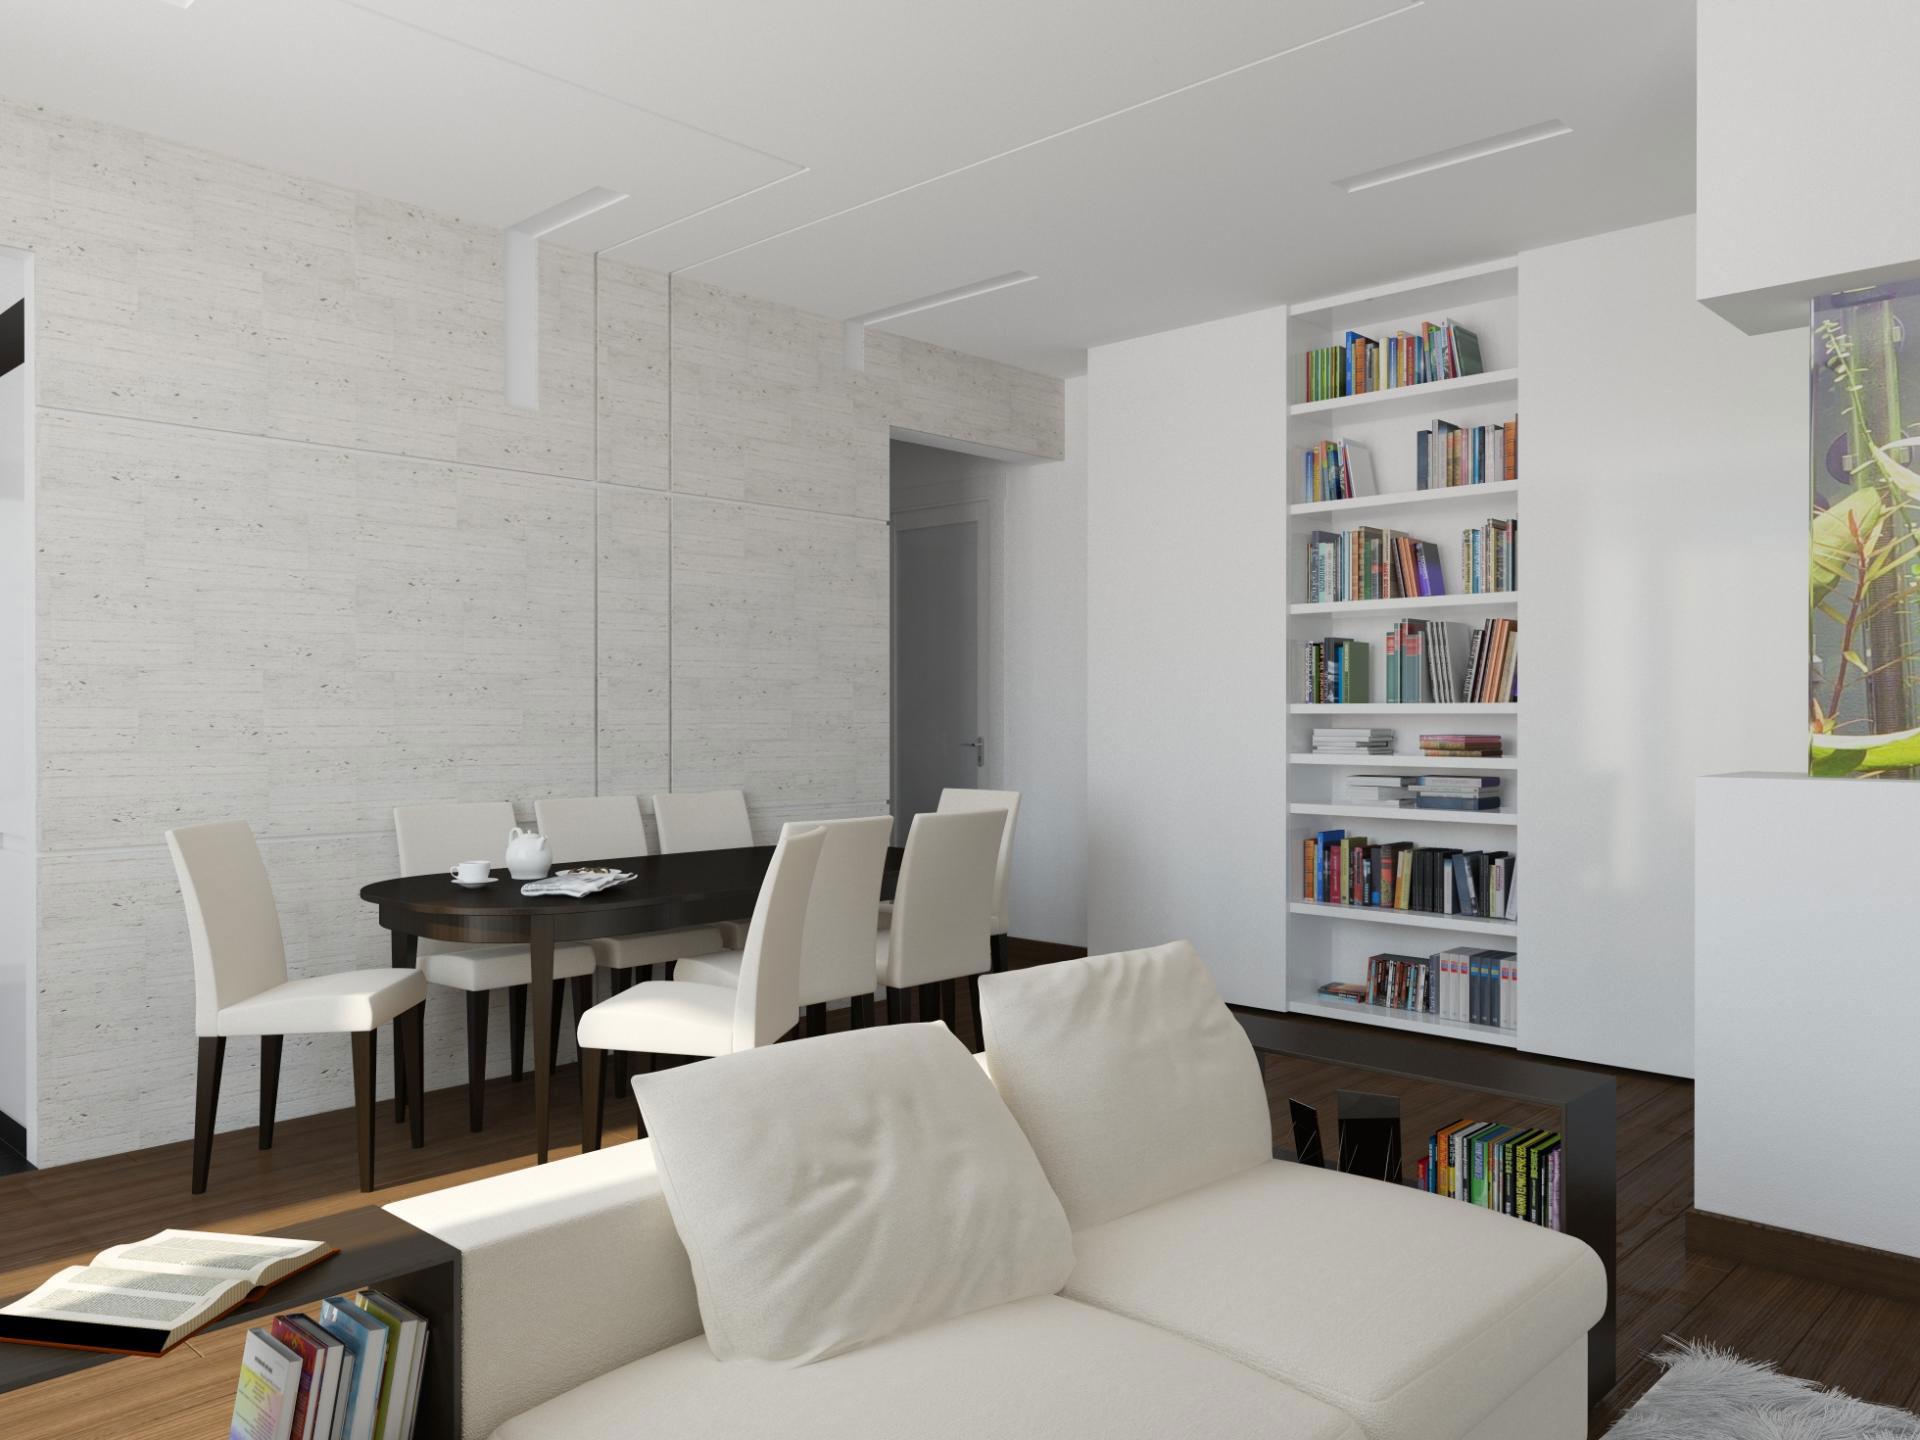 Восхитительное оформление интерьера квартиры в стиле минимализм